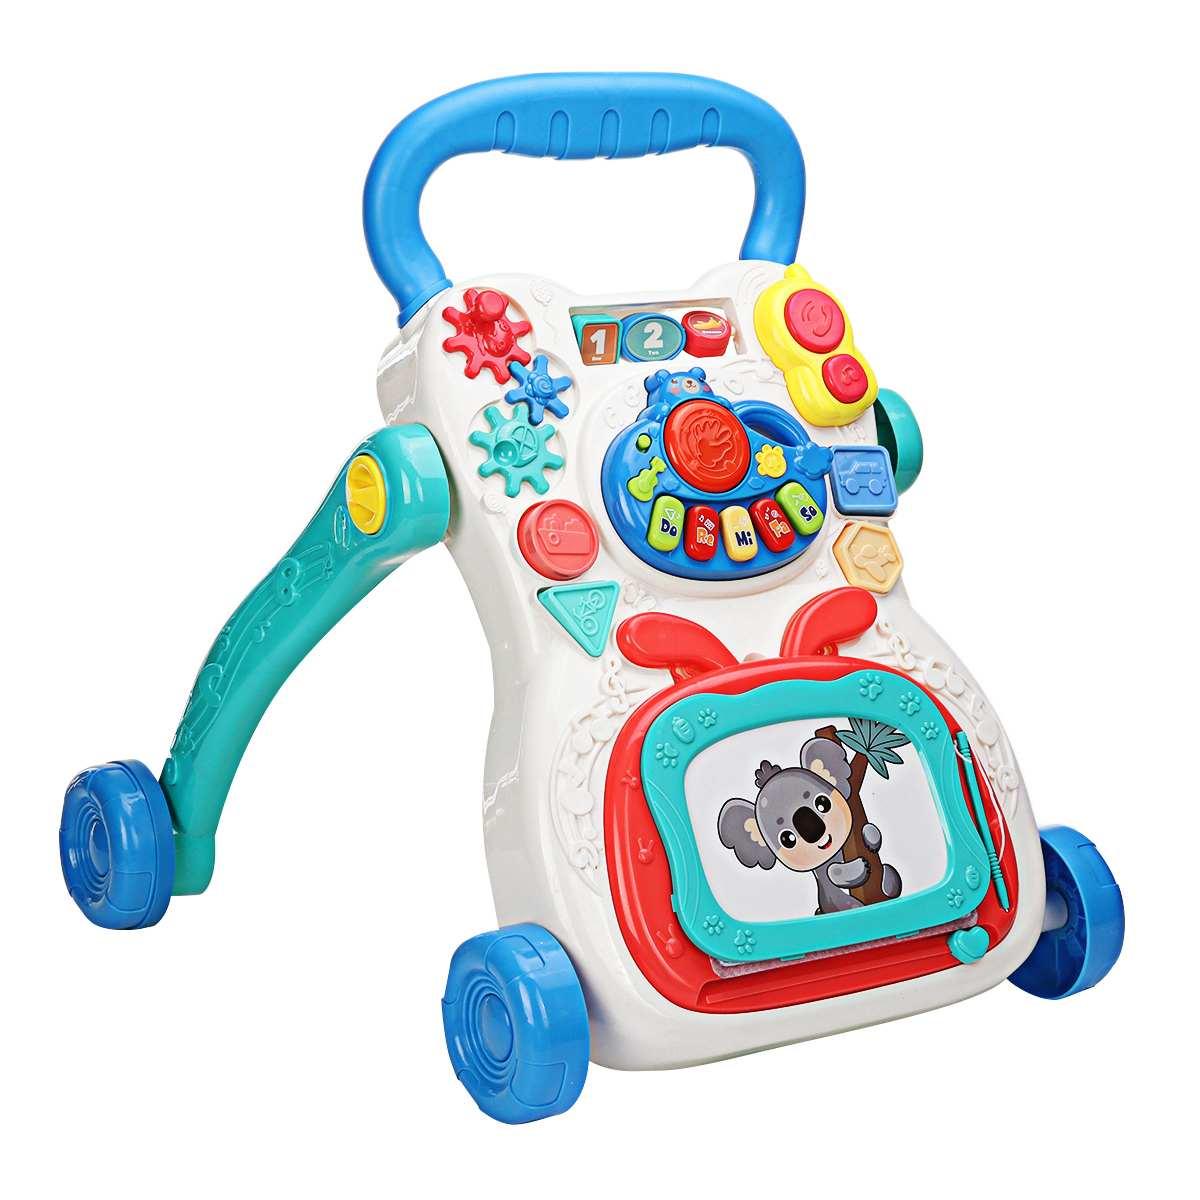 carrinho com 4 rodas, brinquedo educacional para caminhar